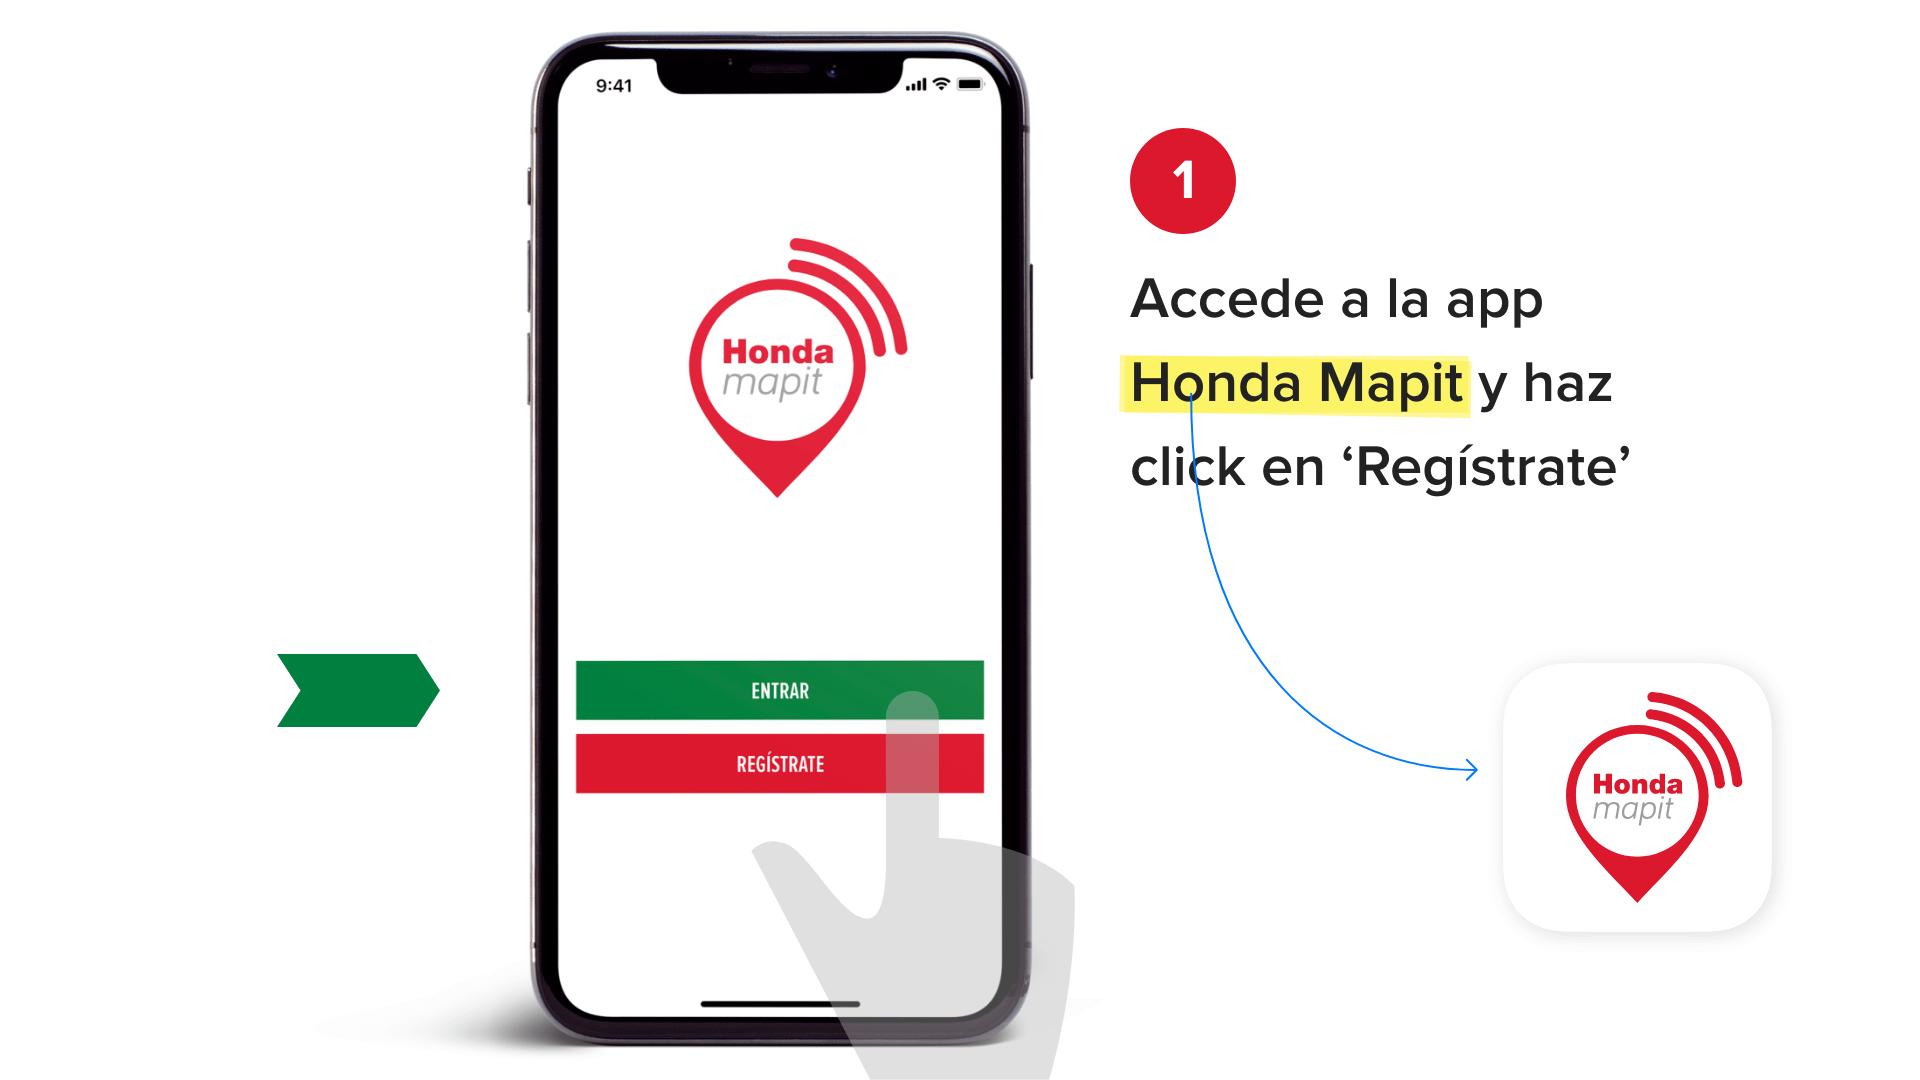 Accede a la app Honda Mapit y haz click en 'Registrate'